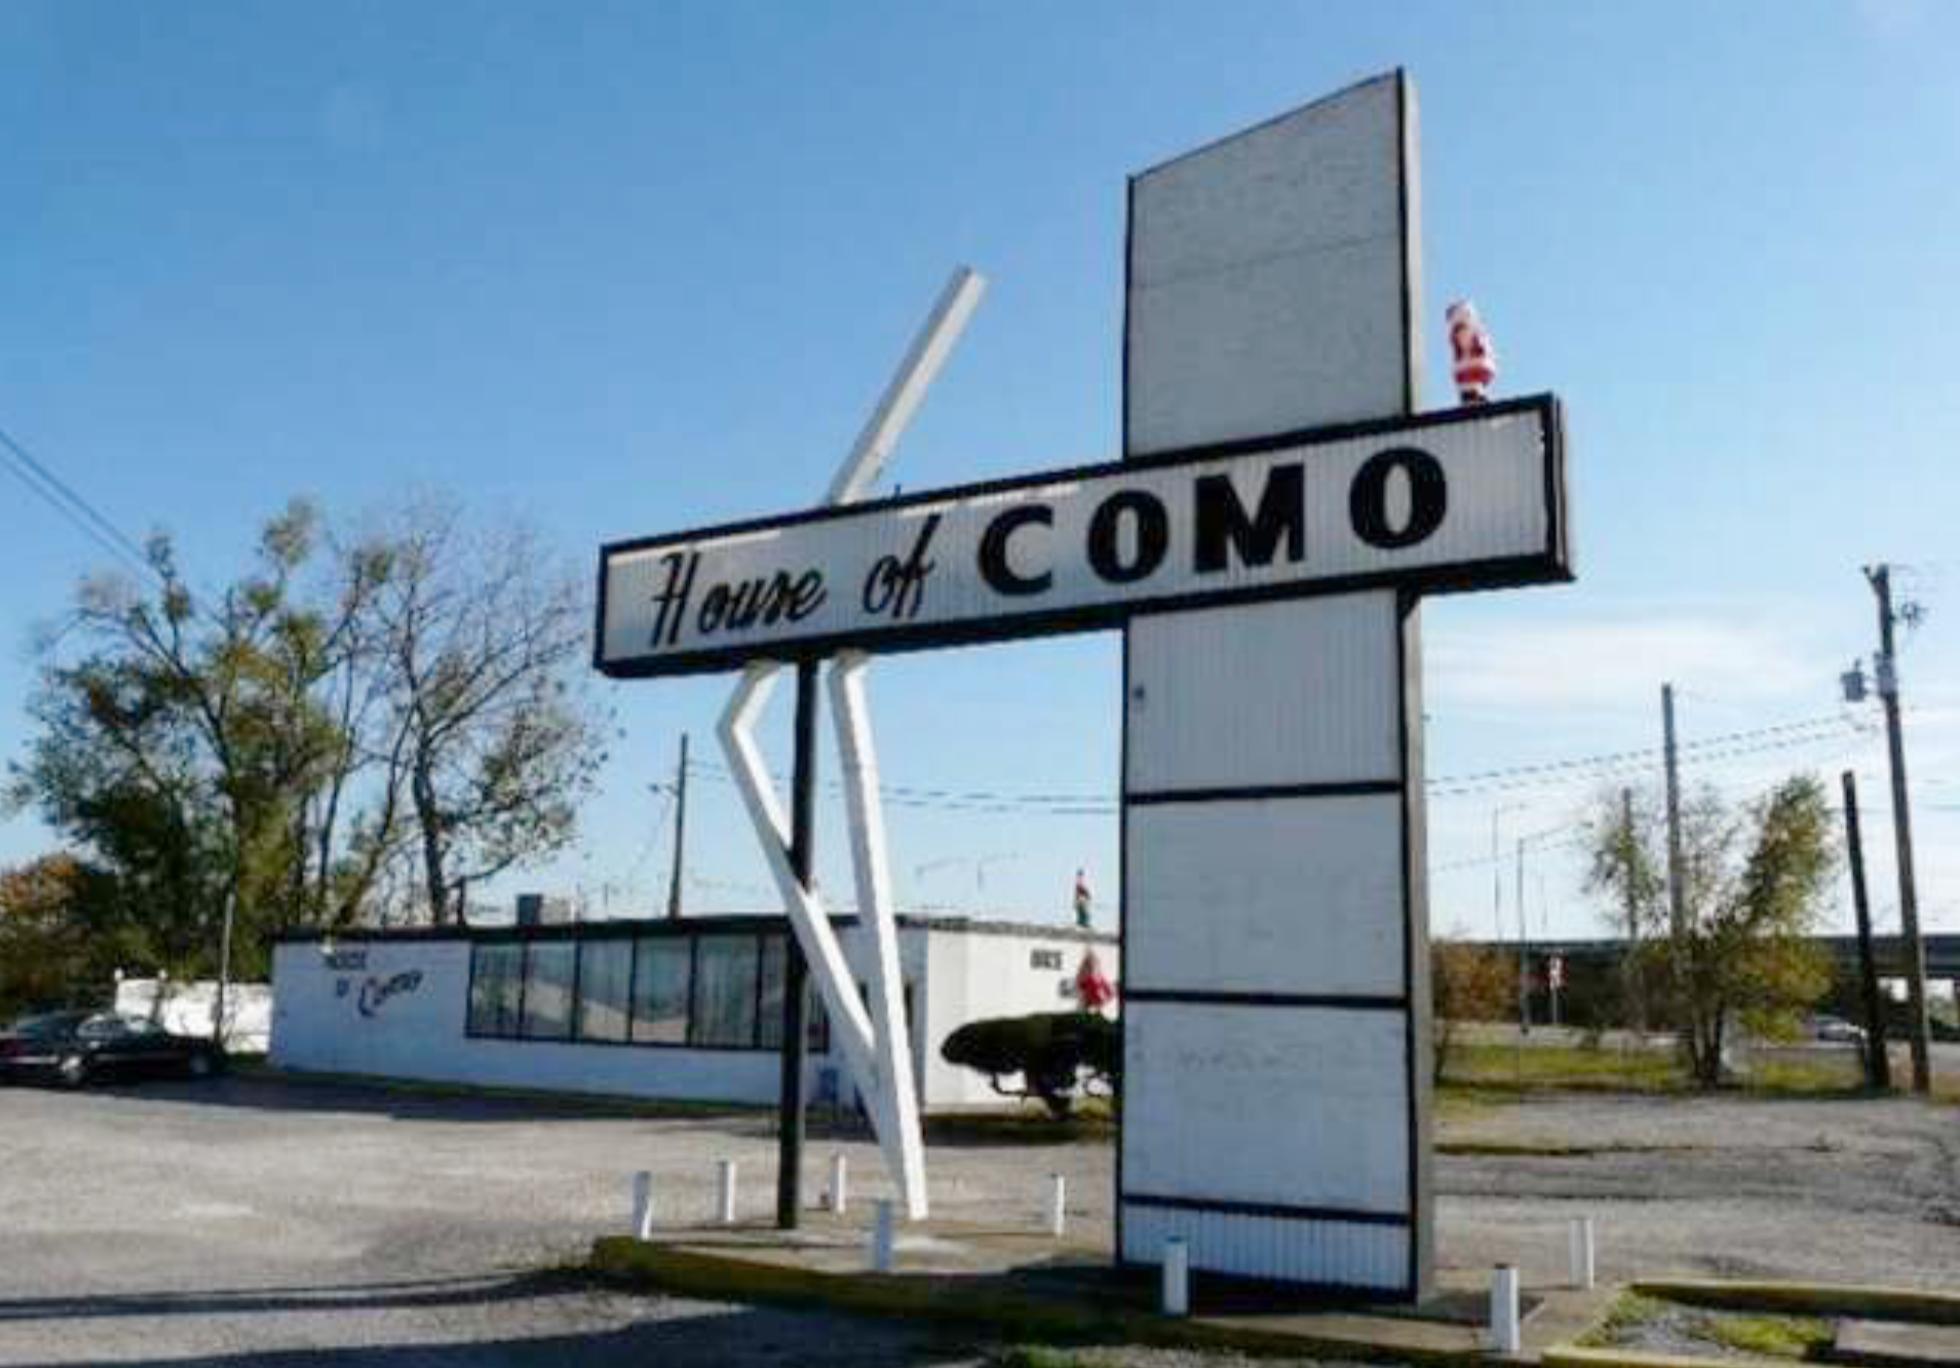 HOUSE OF COMO